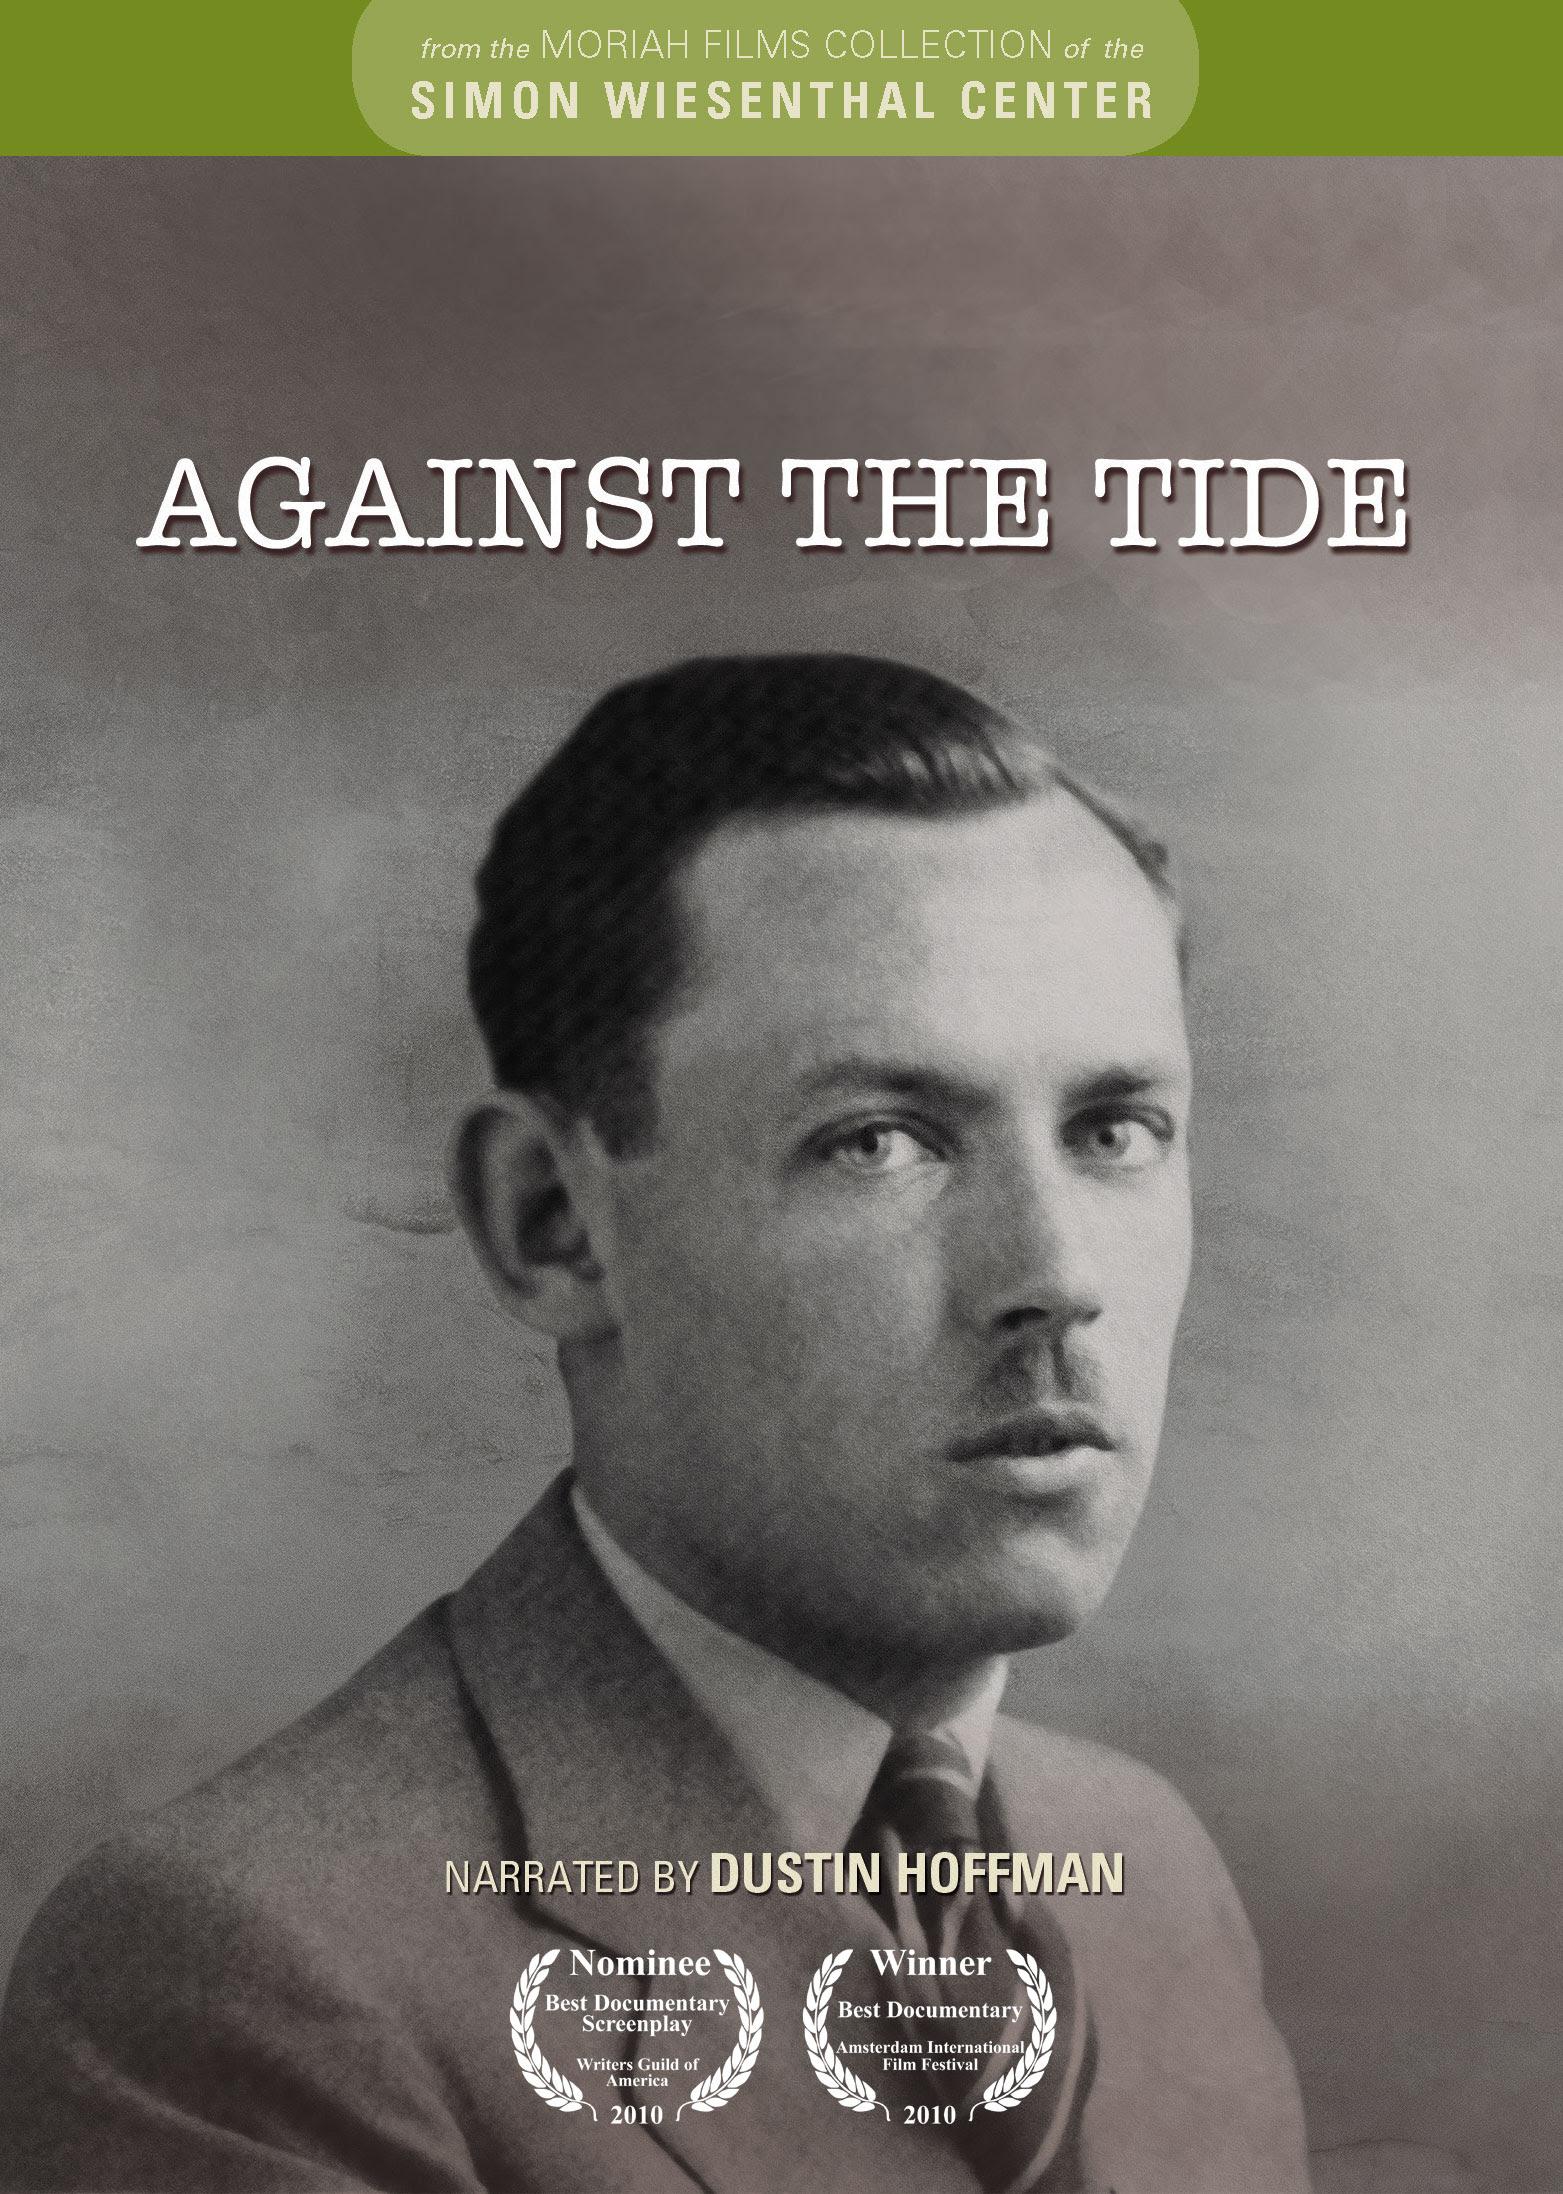 AgainstTheTide_sleeve.jpg